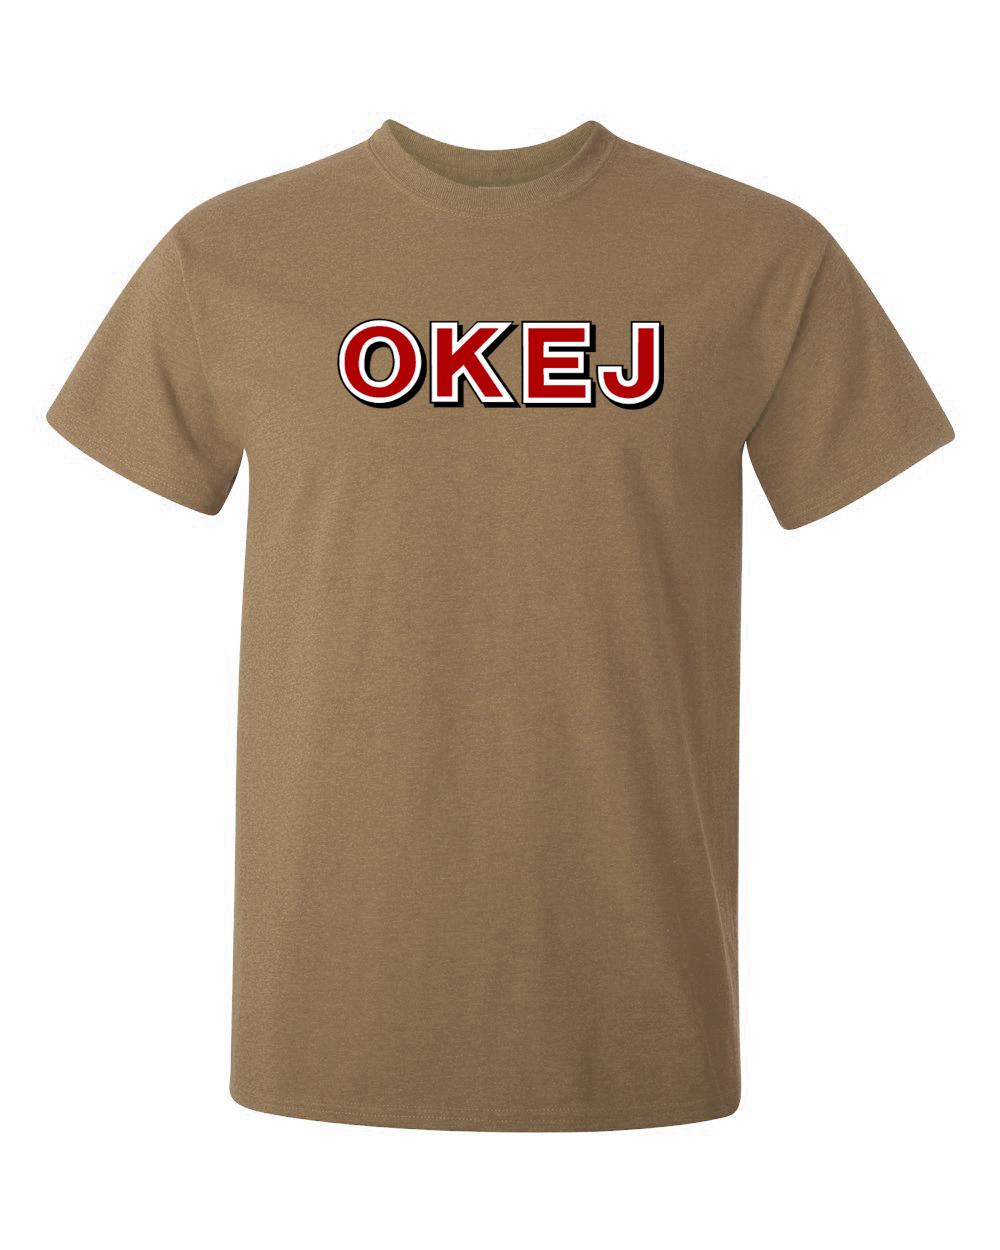 OKEJ T-shirt